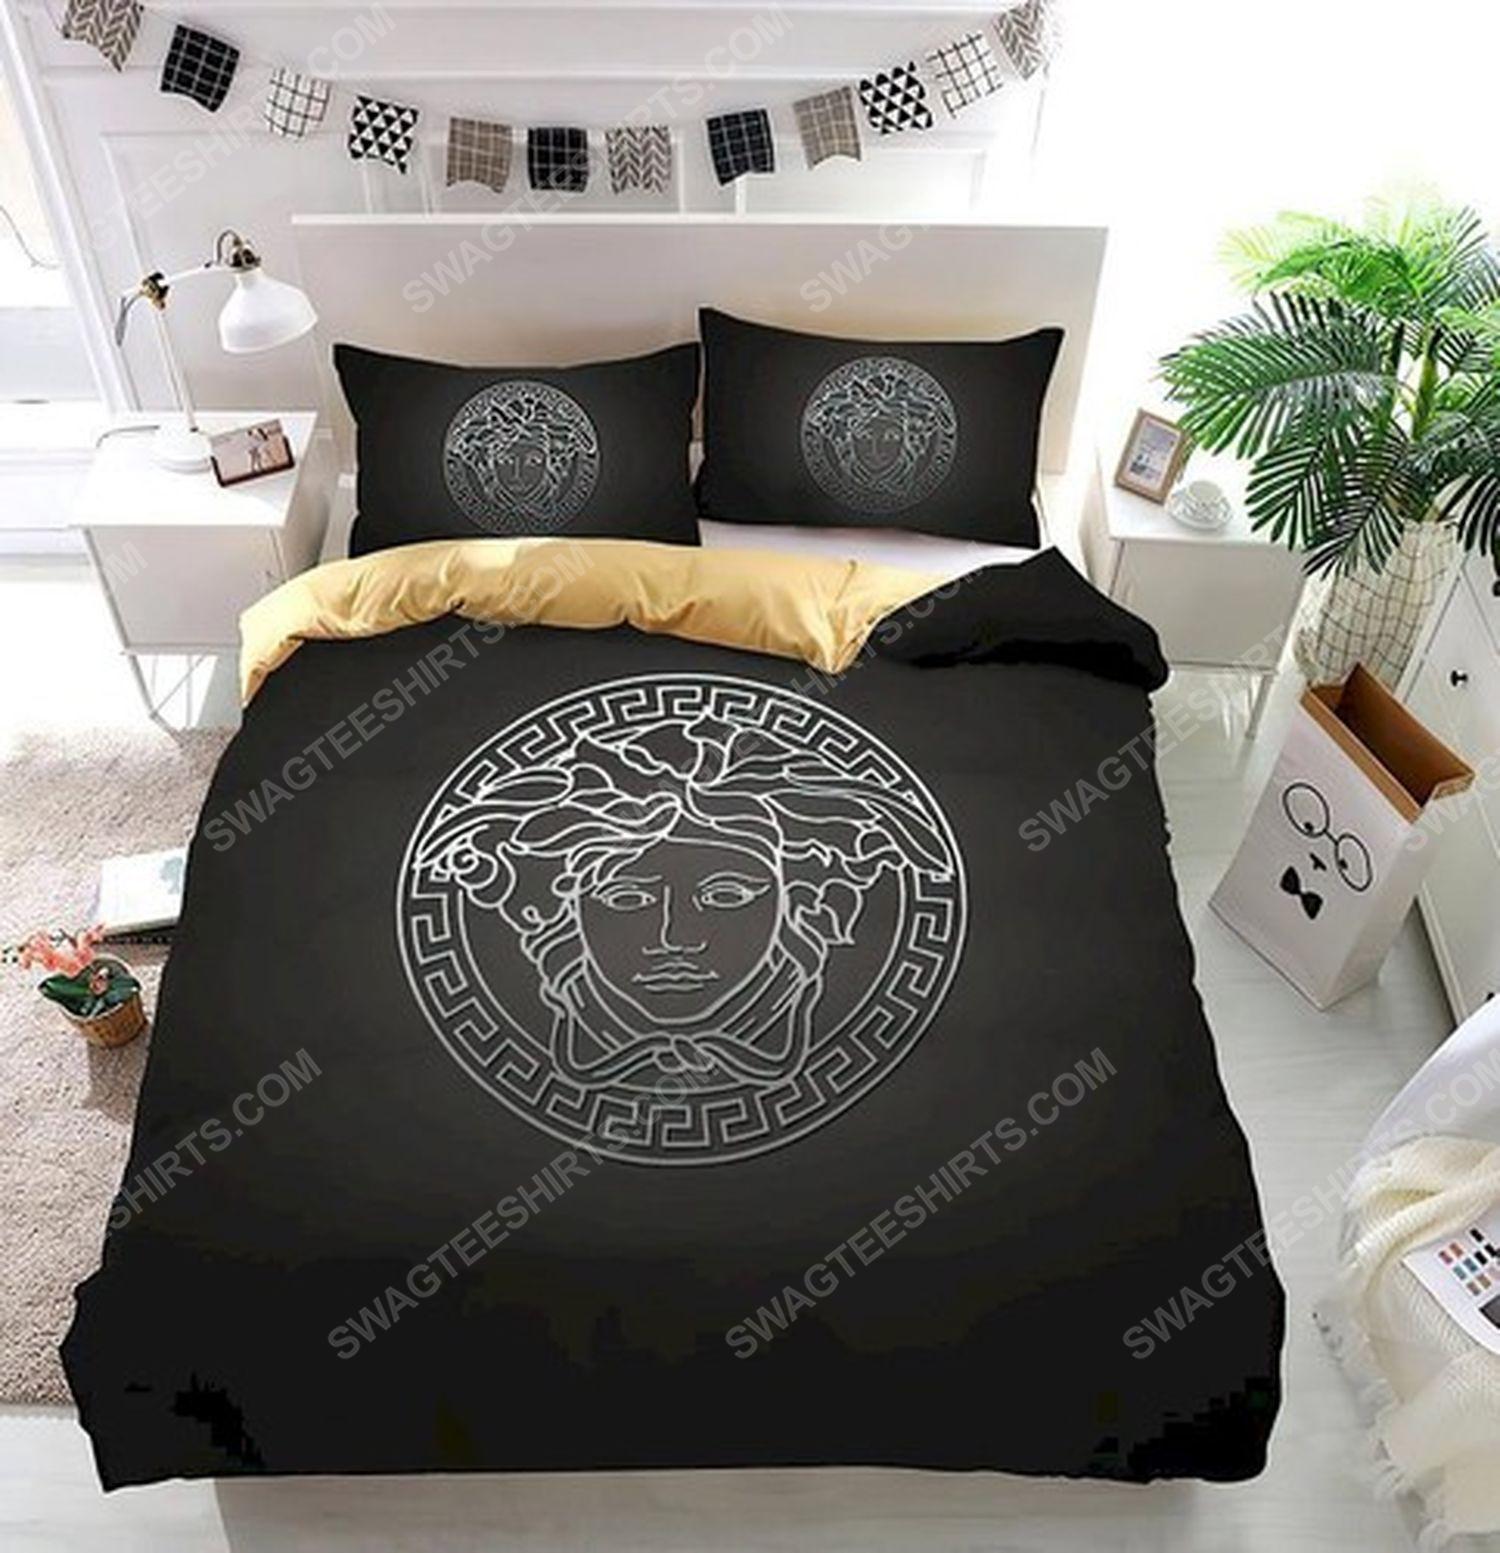 Versace home black version full print duvet cover bedding set 1